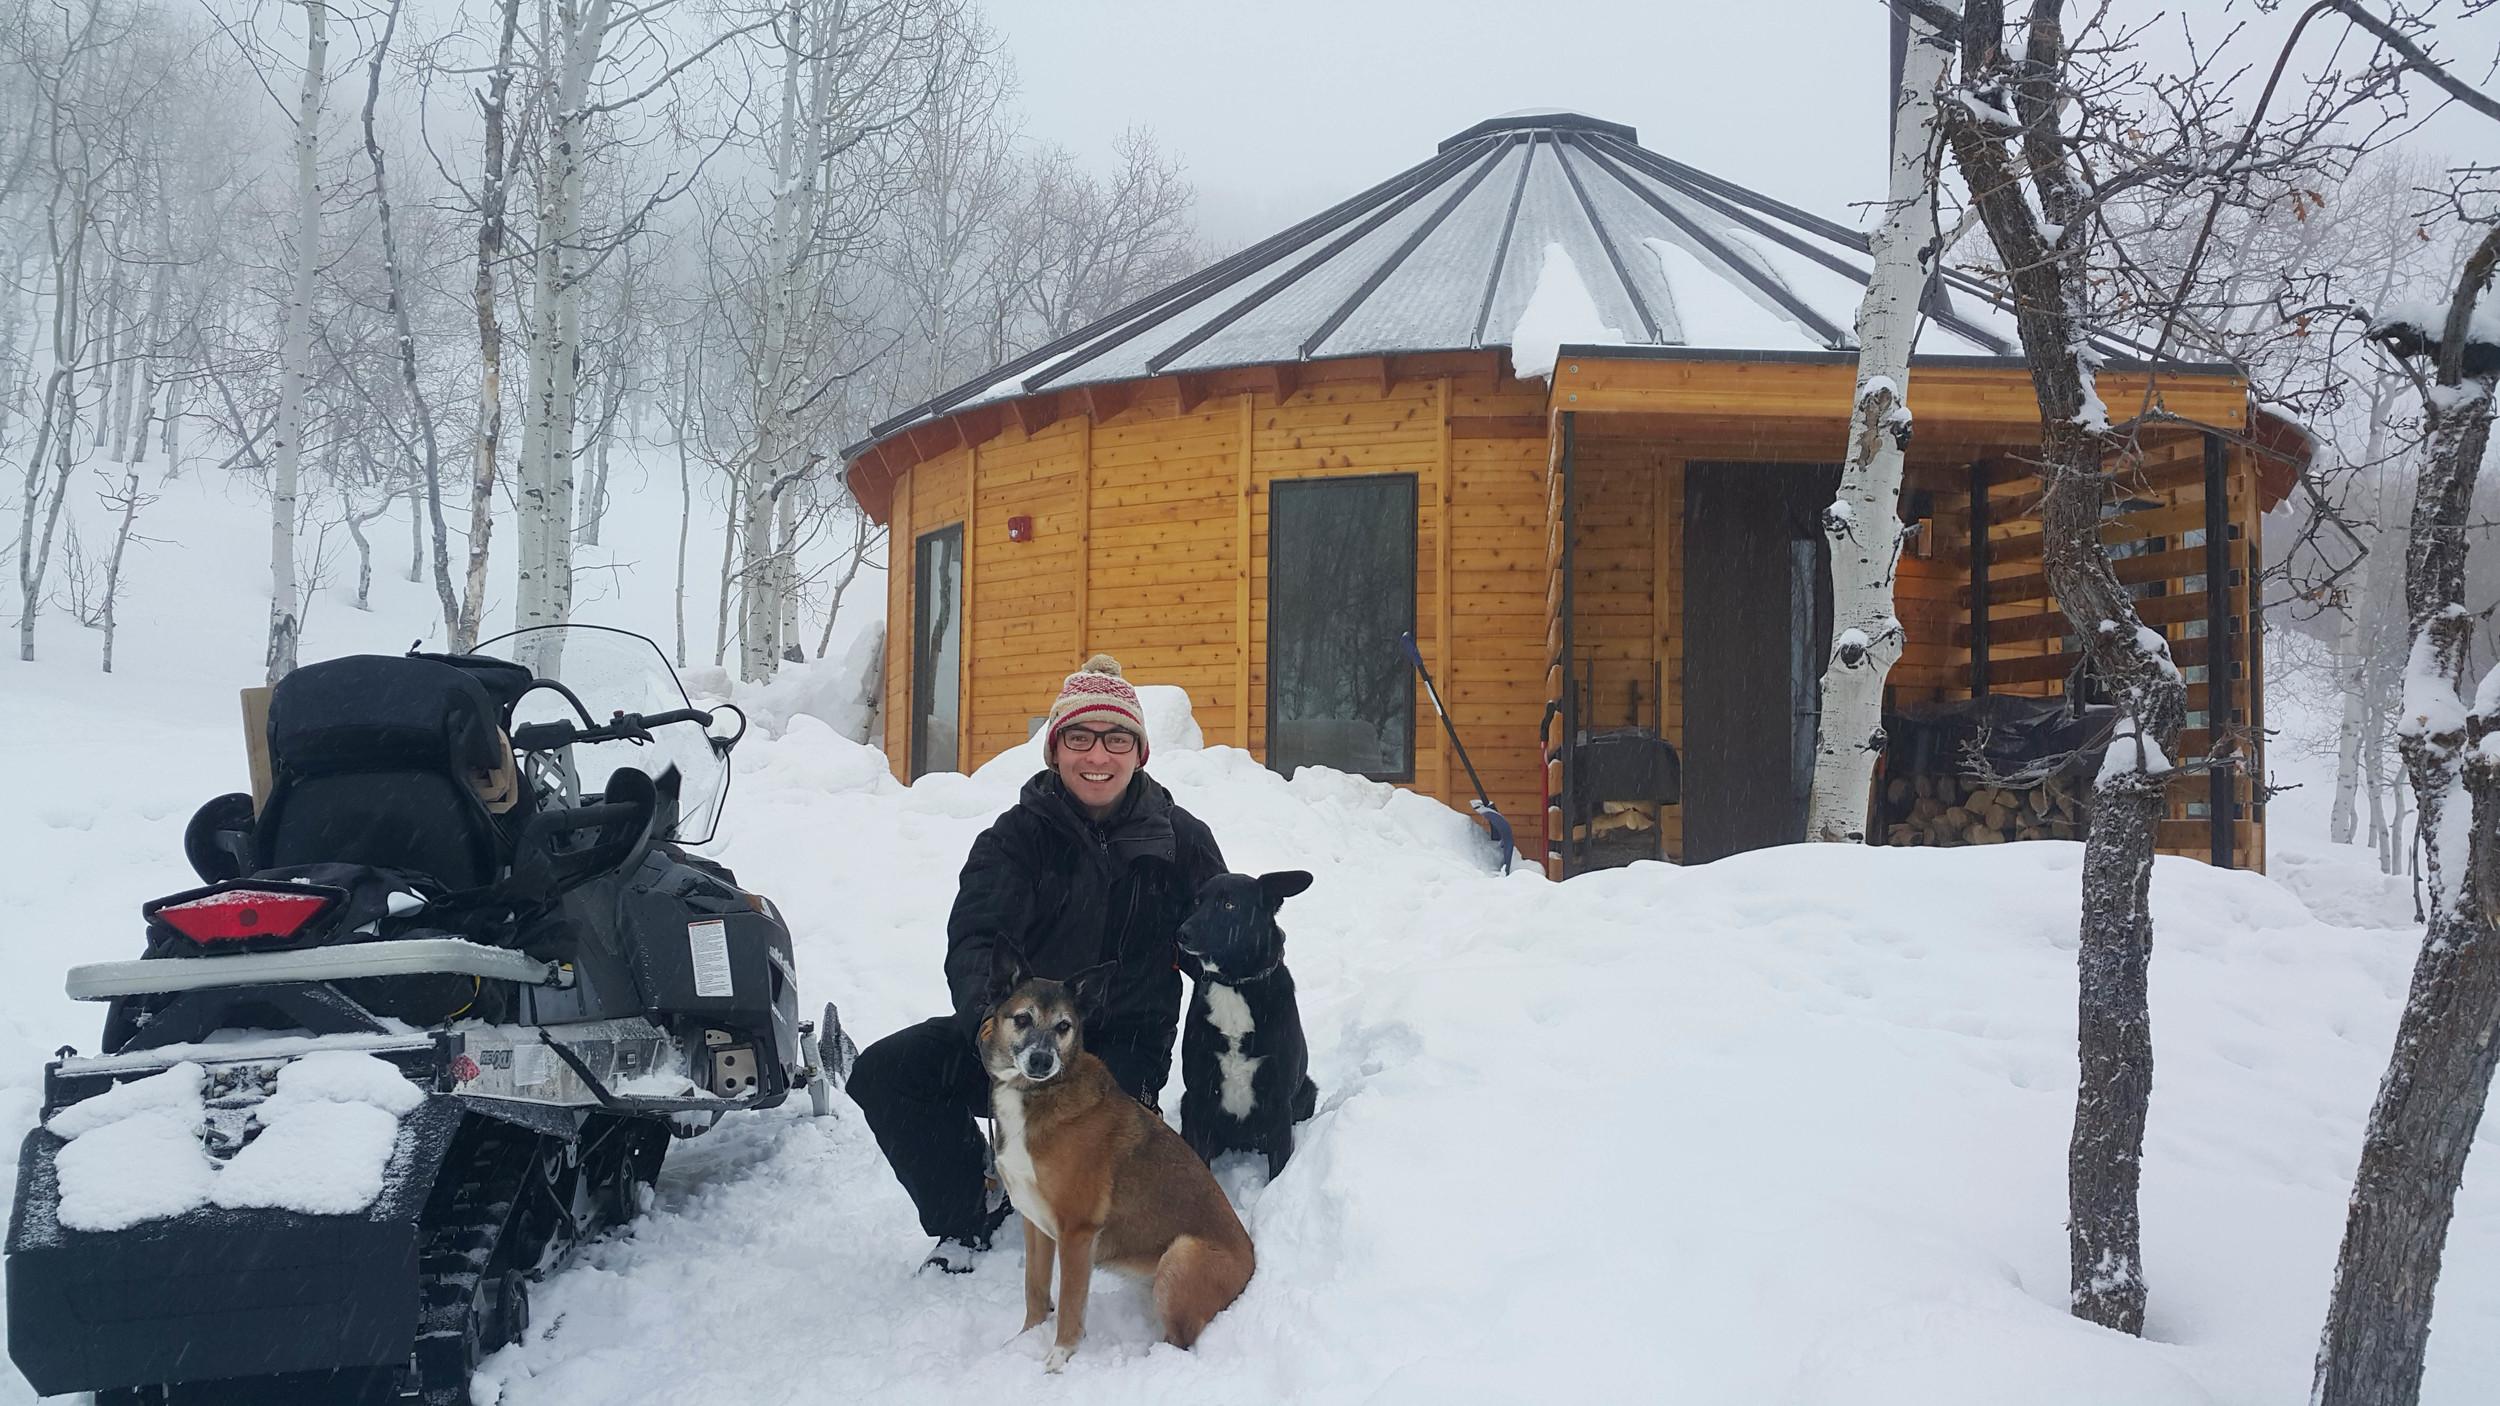 Yurt_Winter_01.jpg